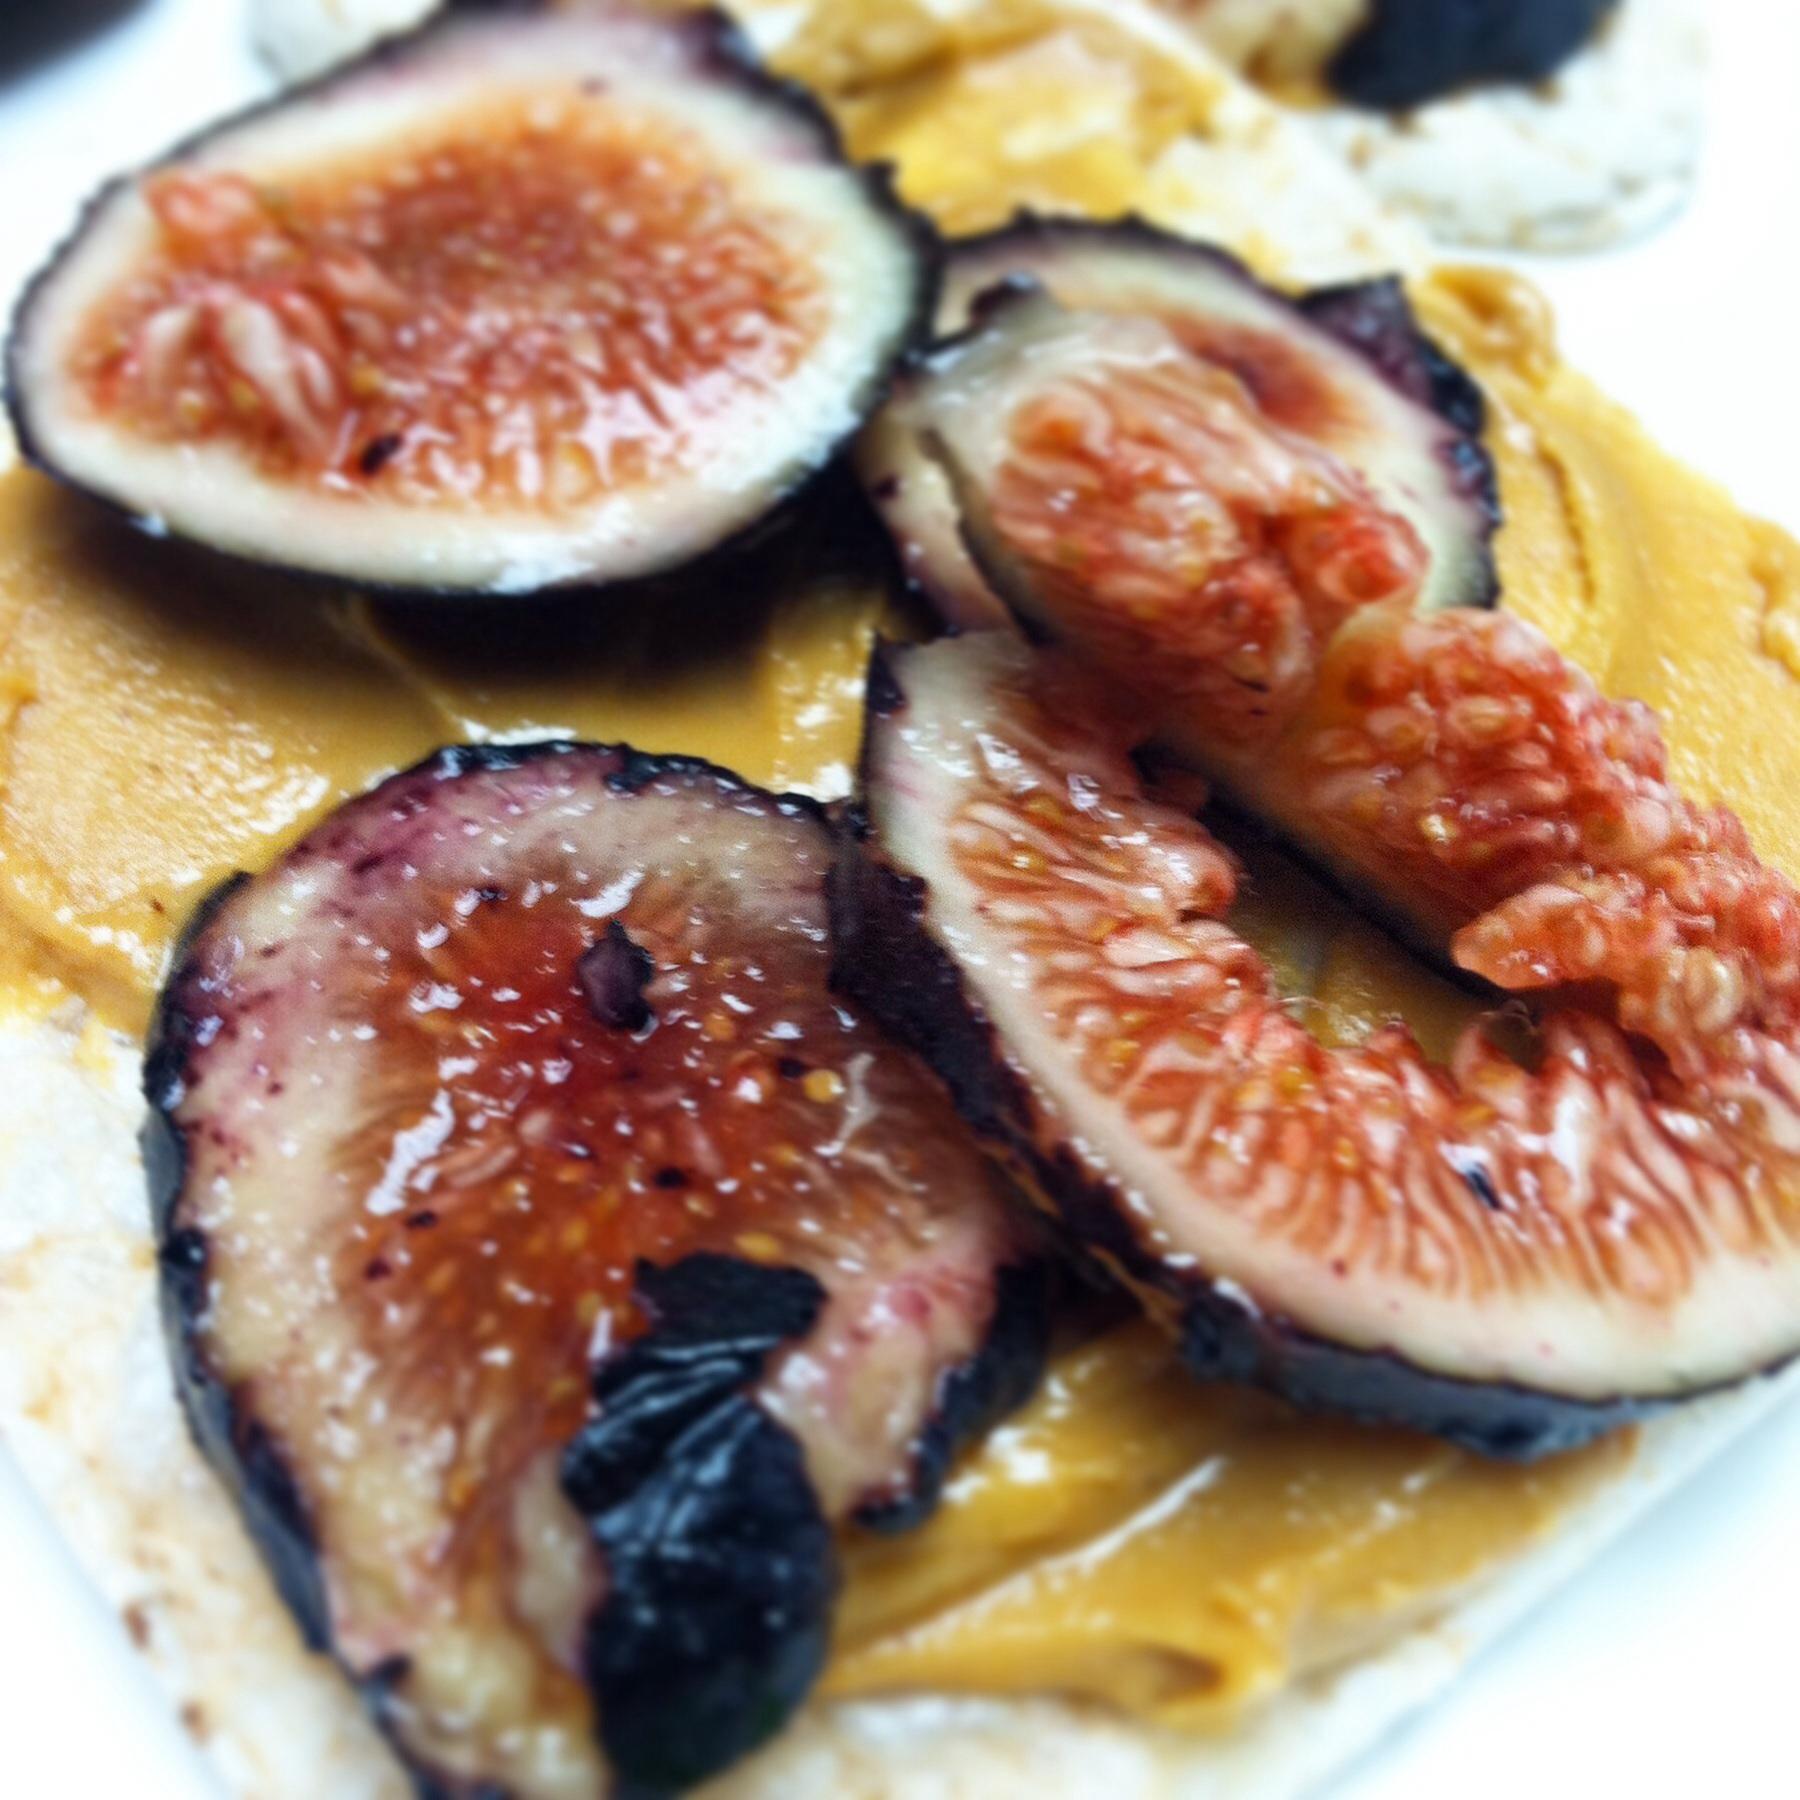 Figs & Peanut Butter